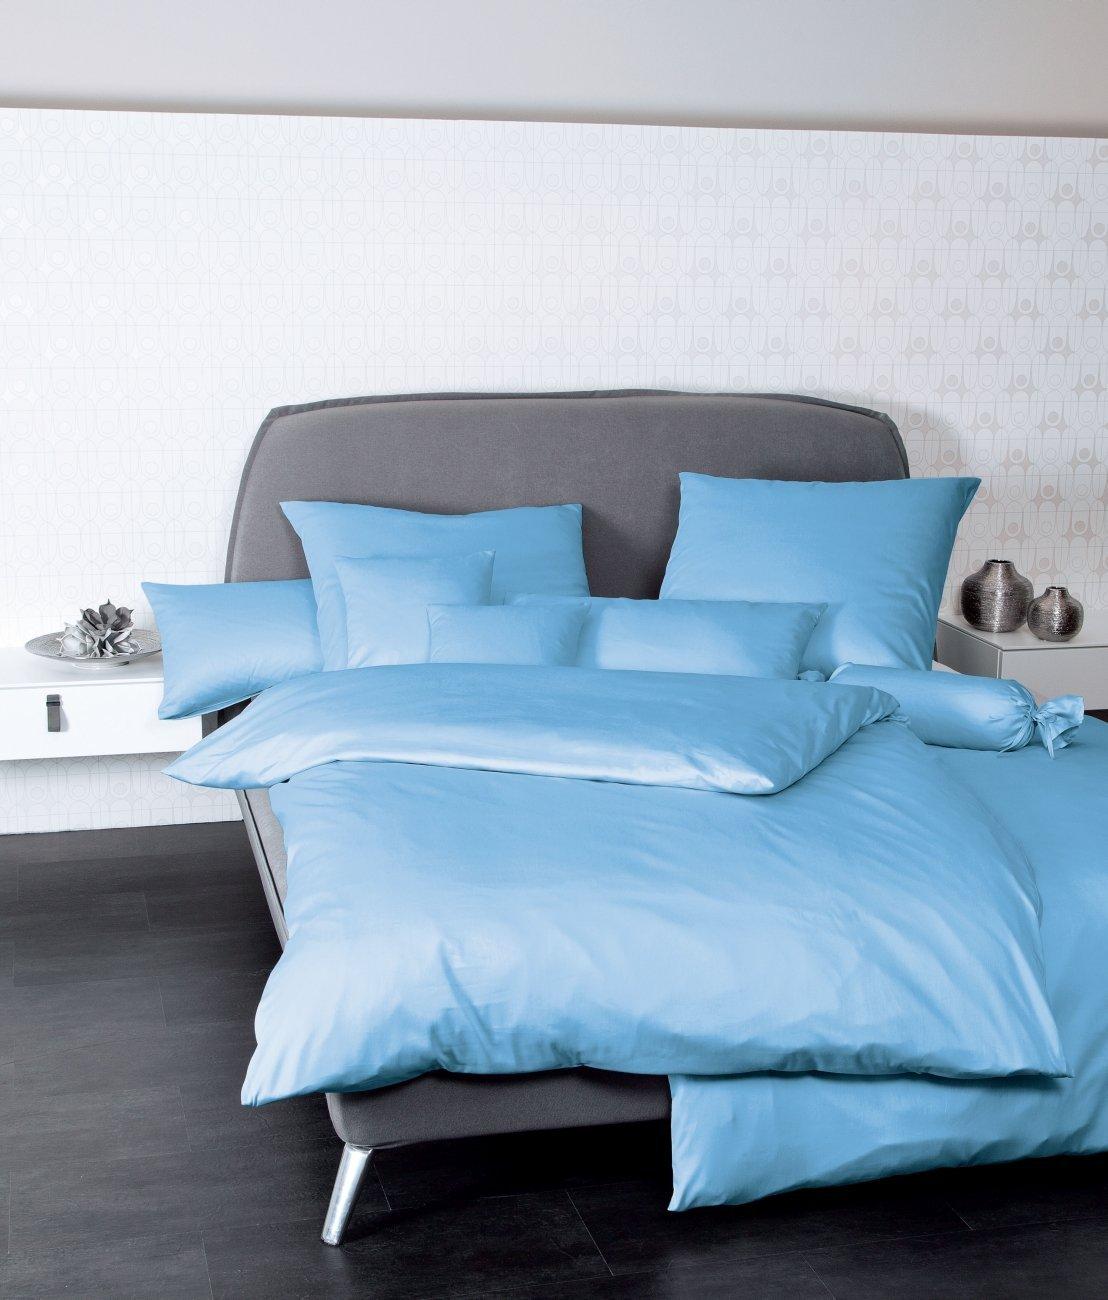 Janine Kissenbezug 40x80 cm 100% Baumwolle 31001-22 hellblau